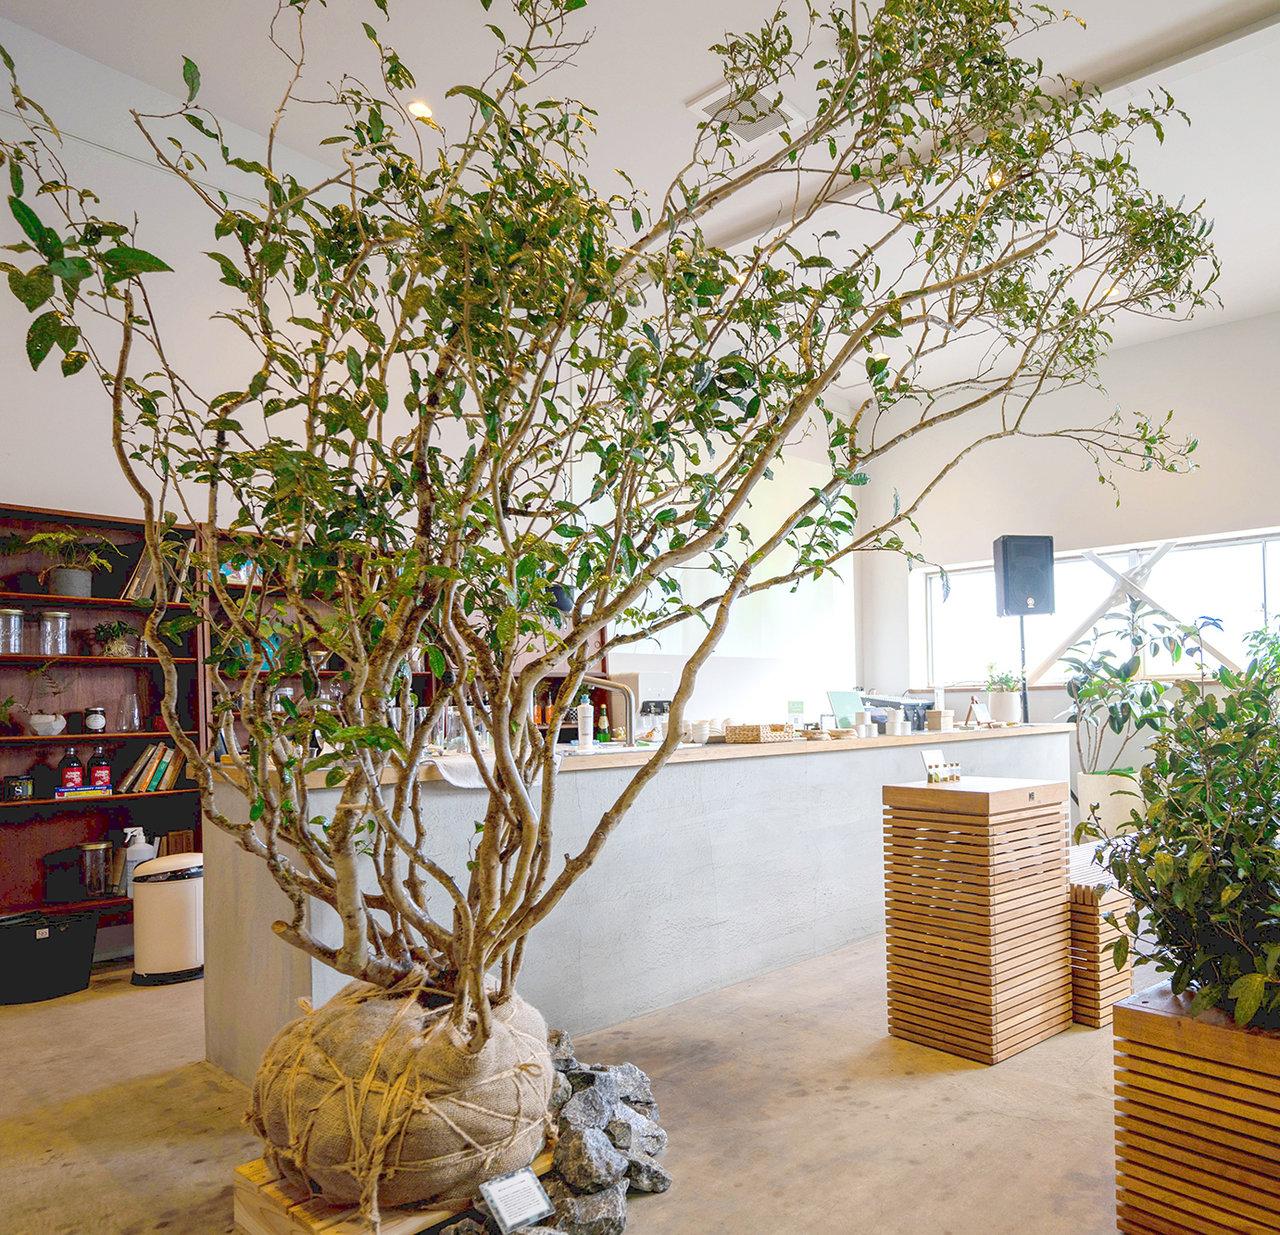 茶文化を一般にまで広めた茶祖・栄西禅師が開山した建仁寺。風神雷神をイメージし、一対のオチャノキを三門前に植樹